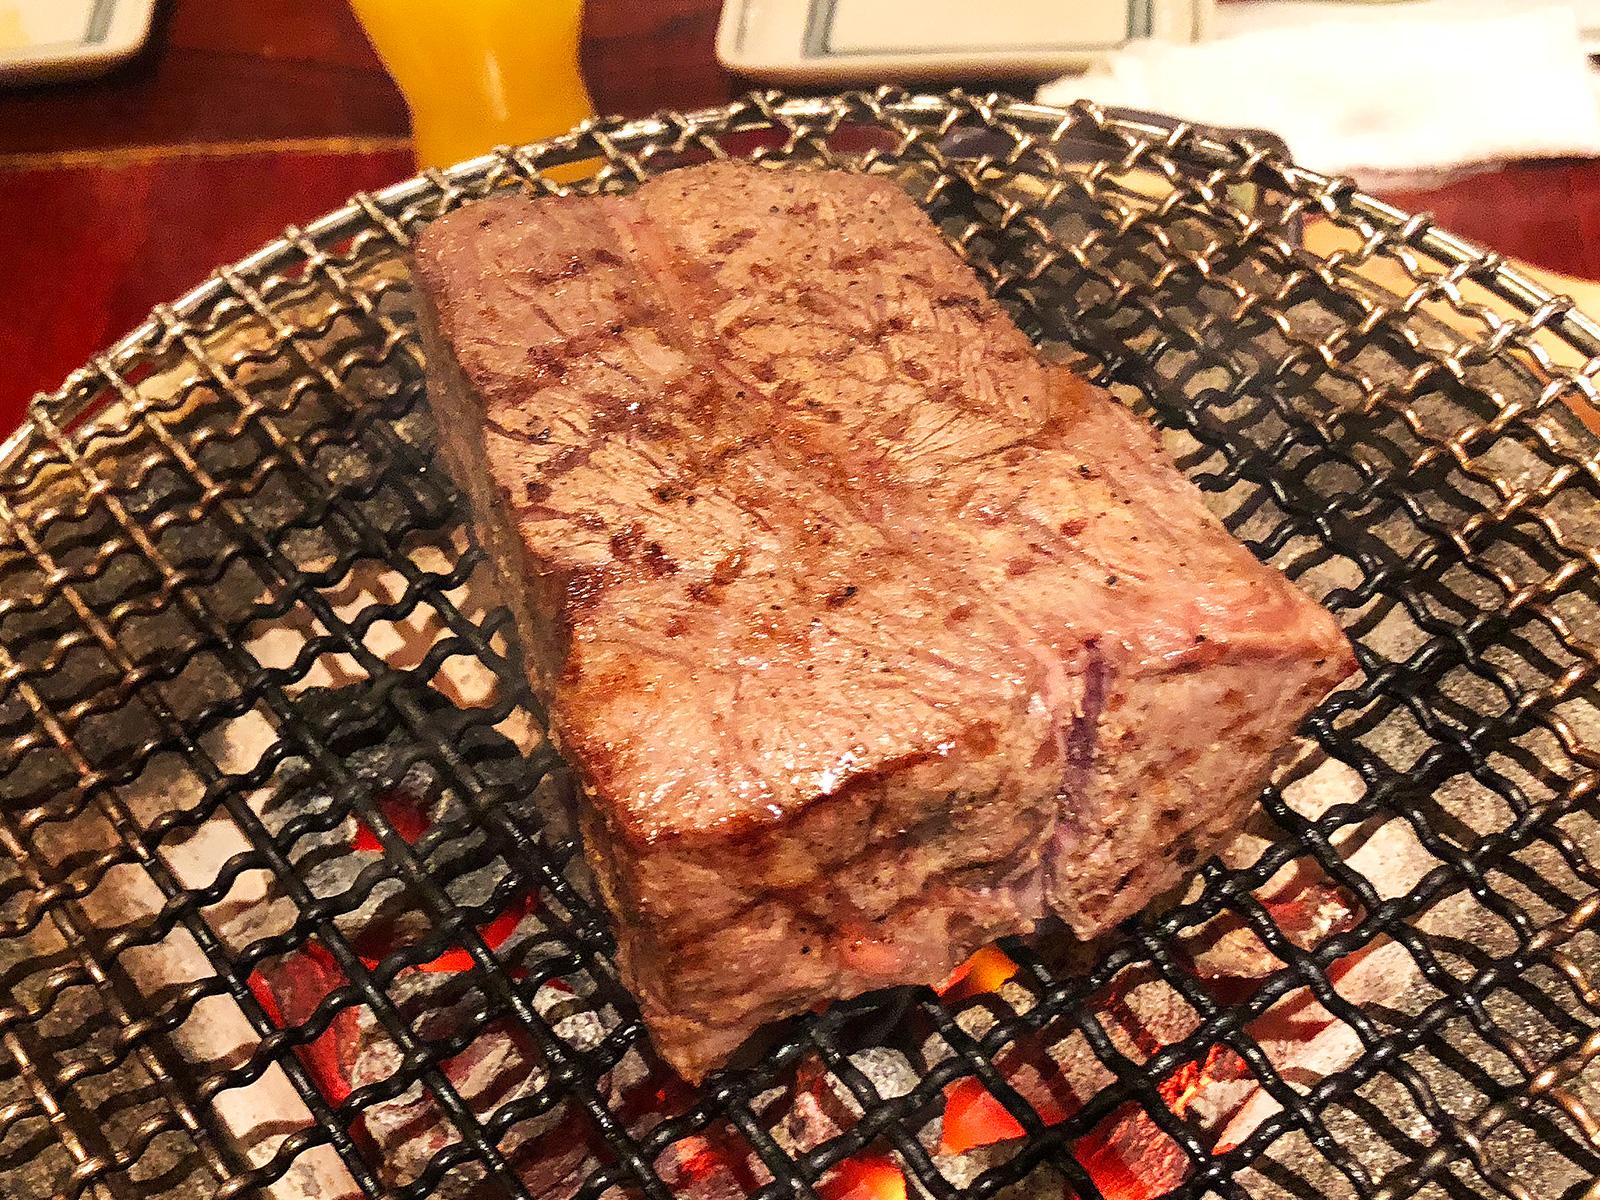 岐阜県の美味しいご飯・ランチ記事一覧